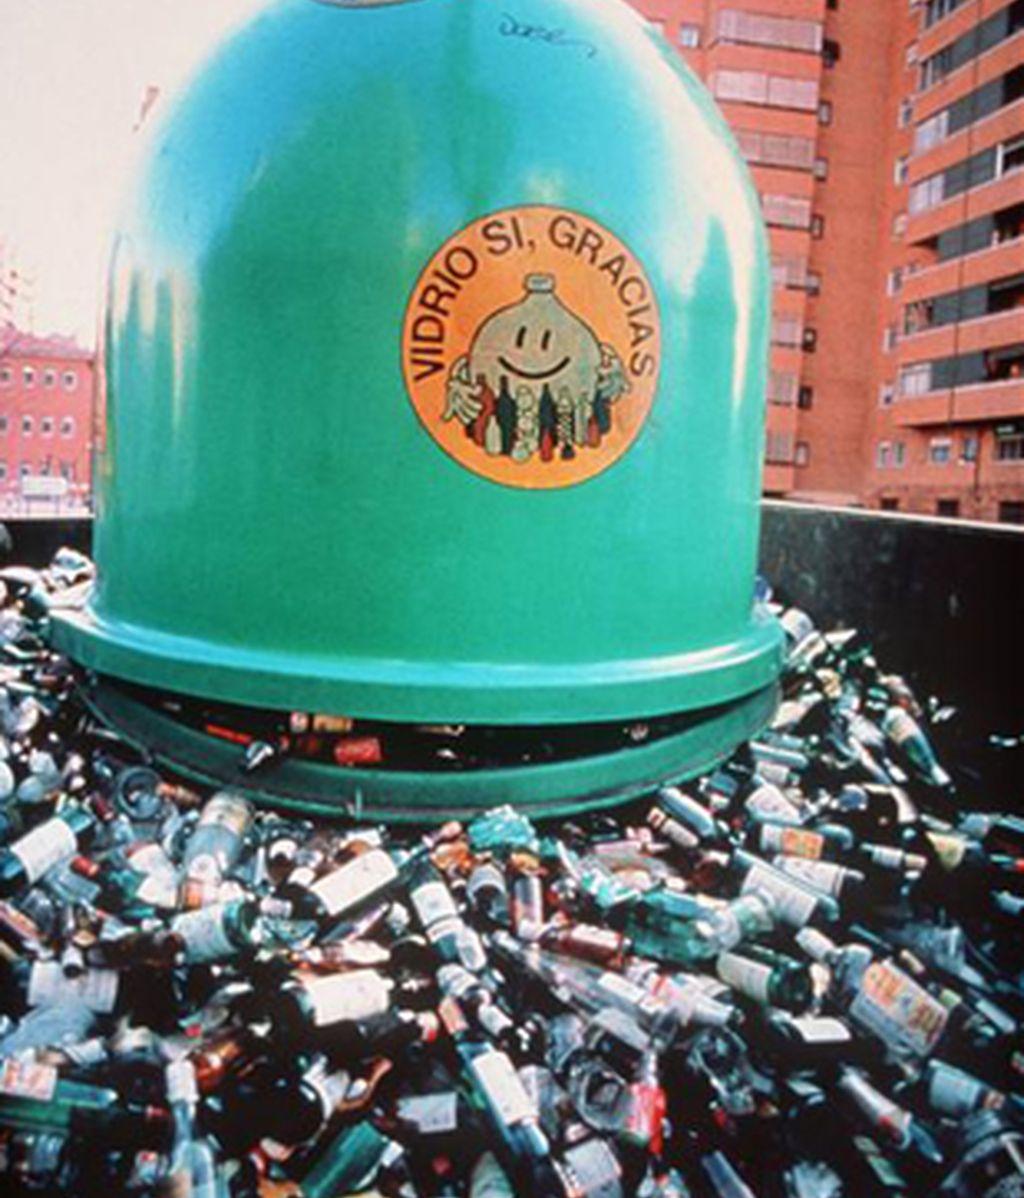 Madrid produce toneladas de basuras. Foto: Archivo.